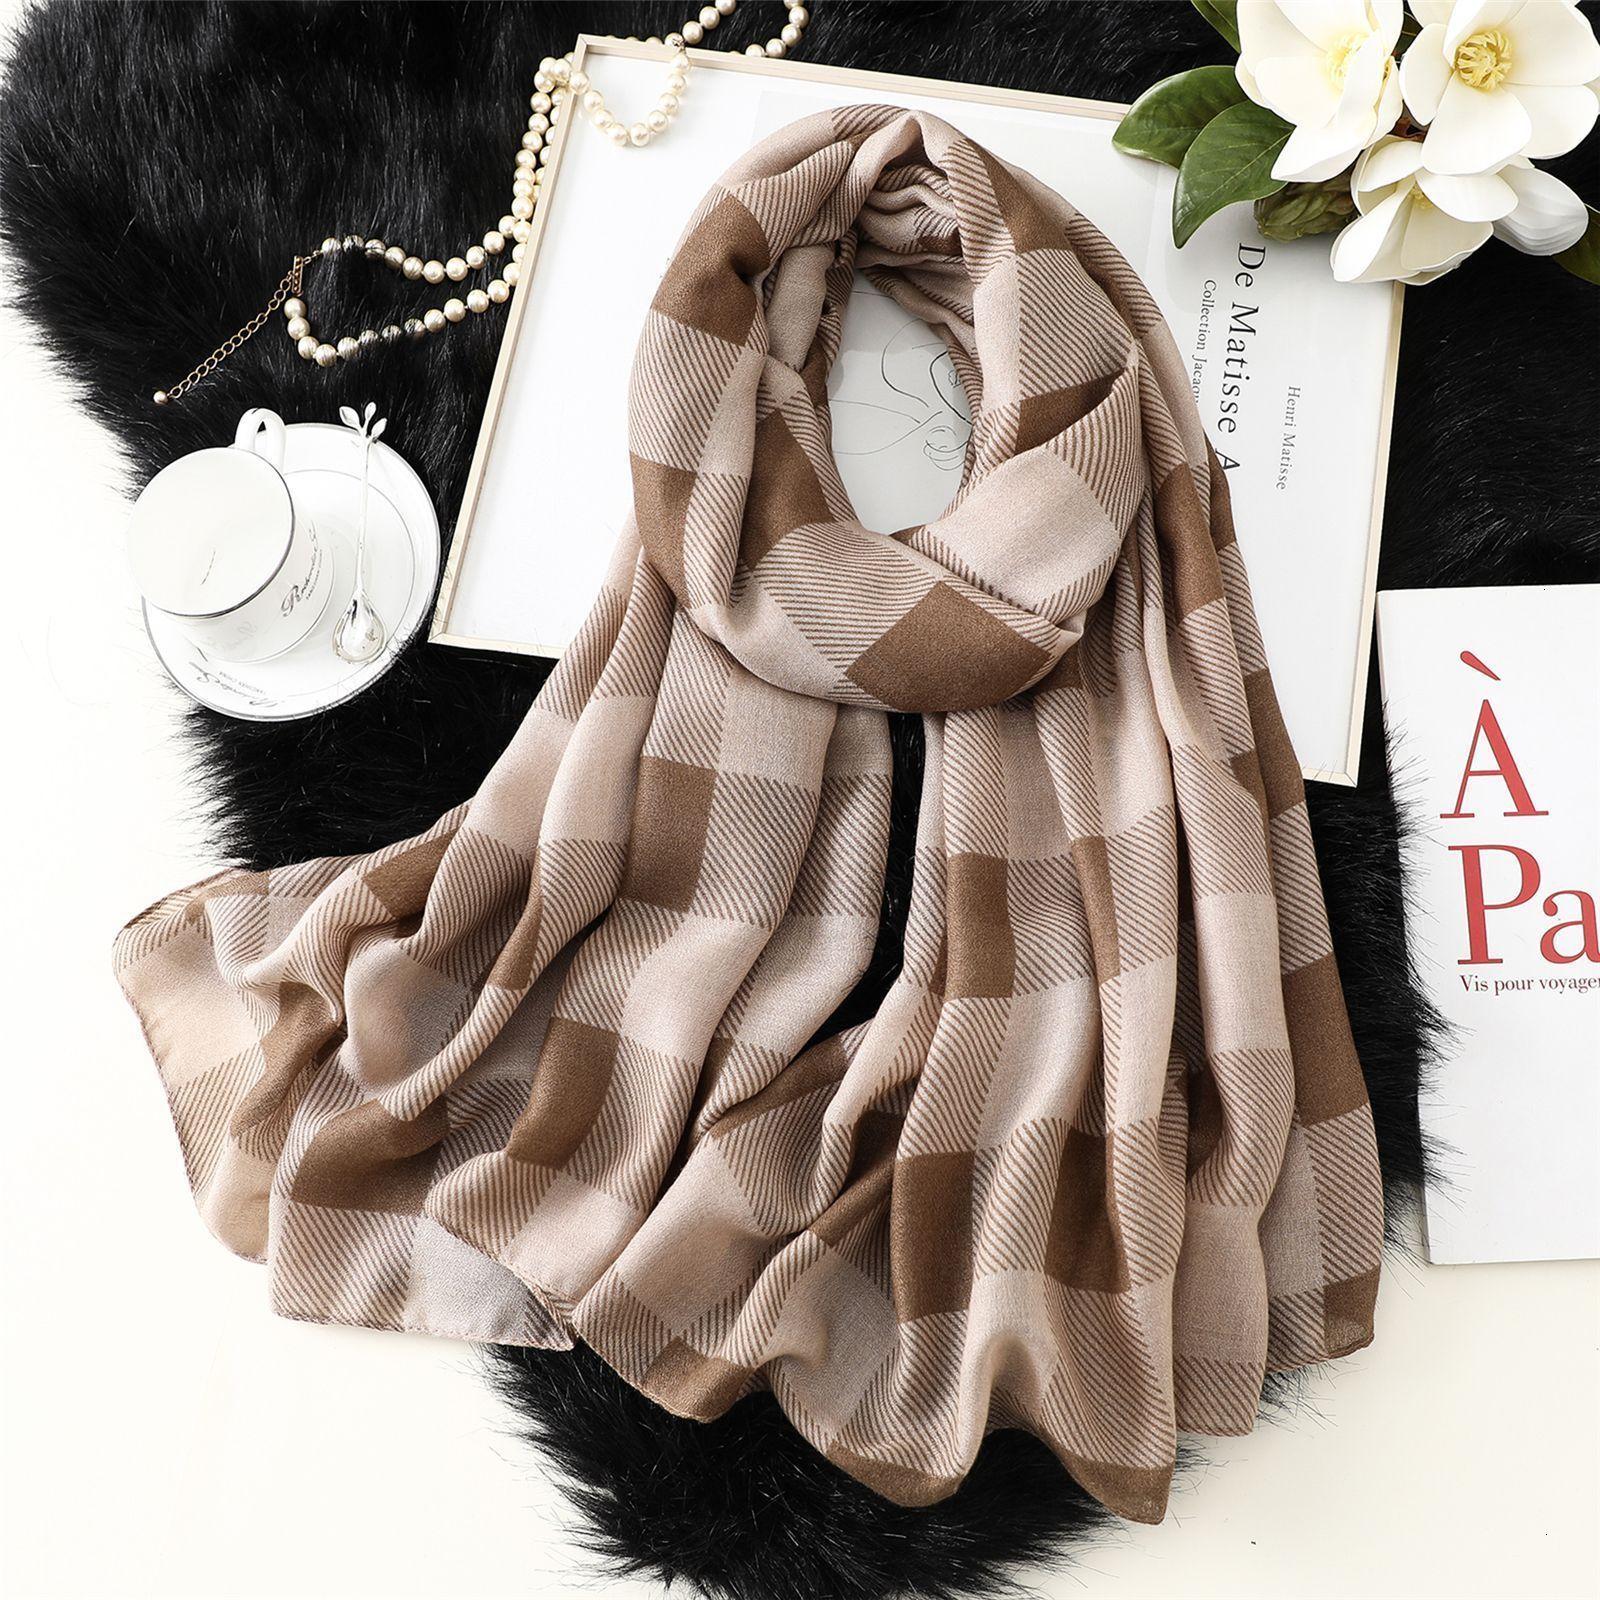 Nueva tela de lino de lino de algodón de seda de invierno Impresión a cuadros impresión extendida Sombrilla de mujer J0MW